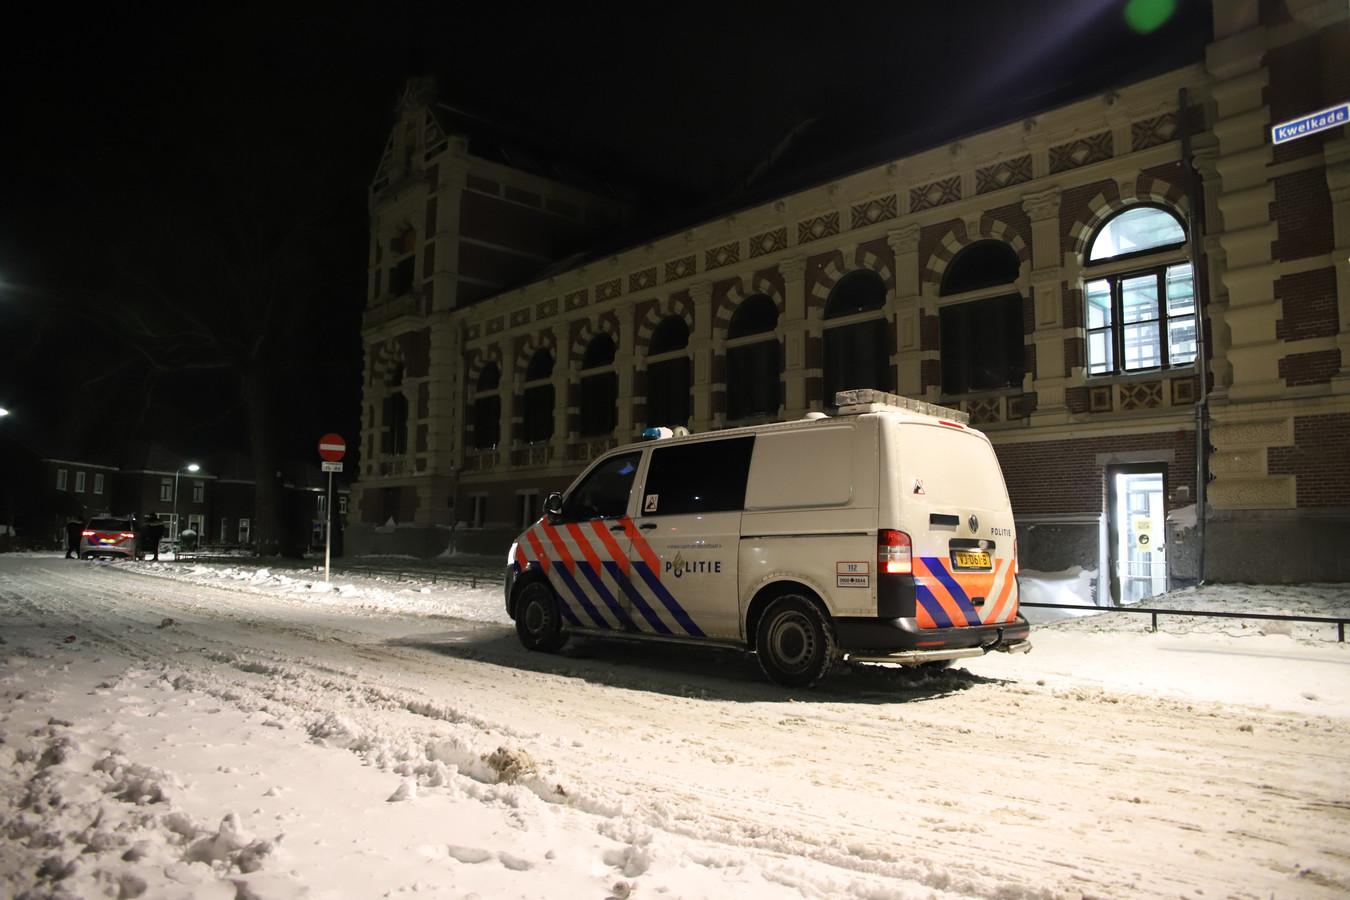 Na een goed gesprek met de melder kon de politie in Tiel weer vertrekken.